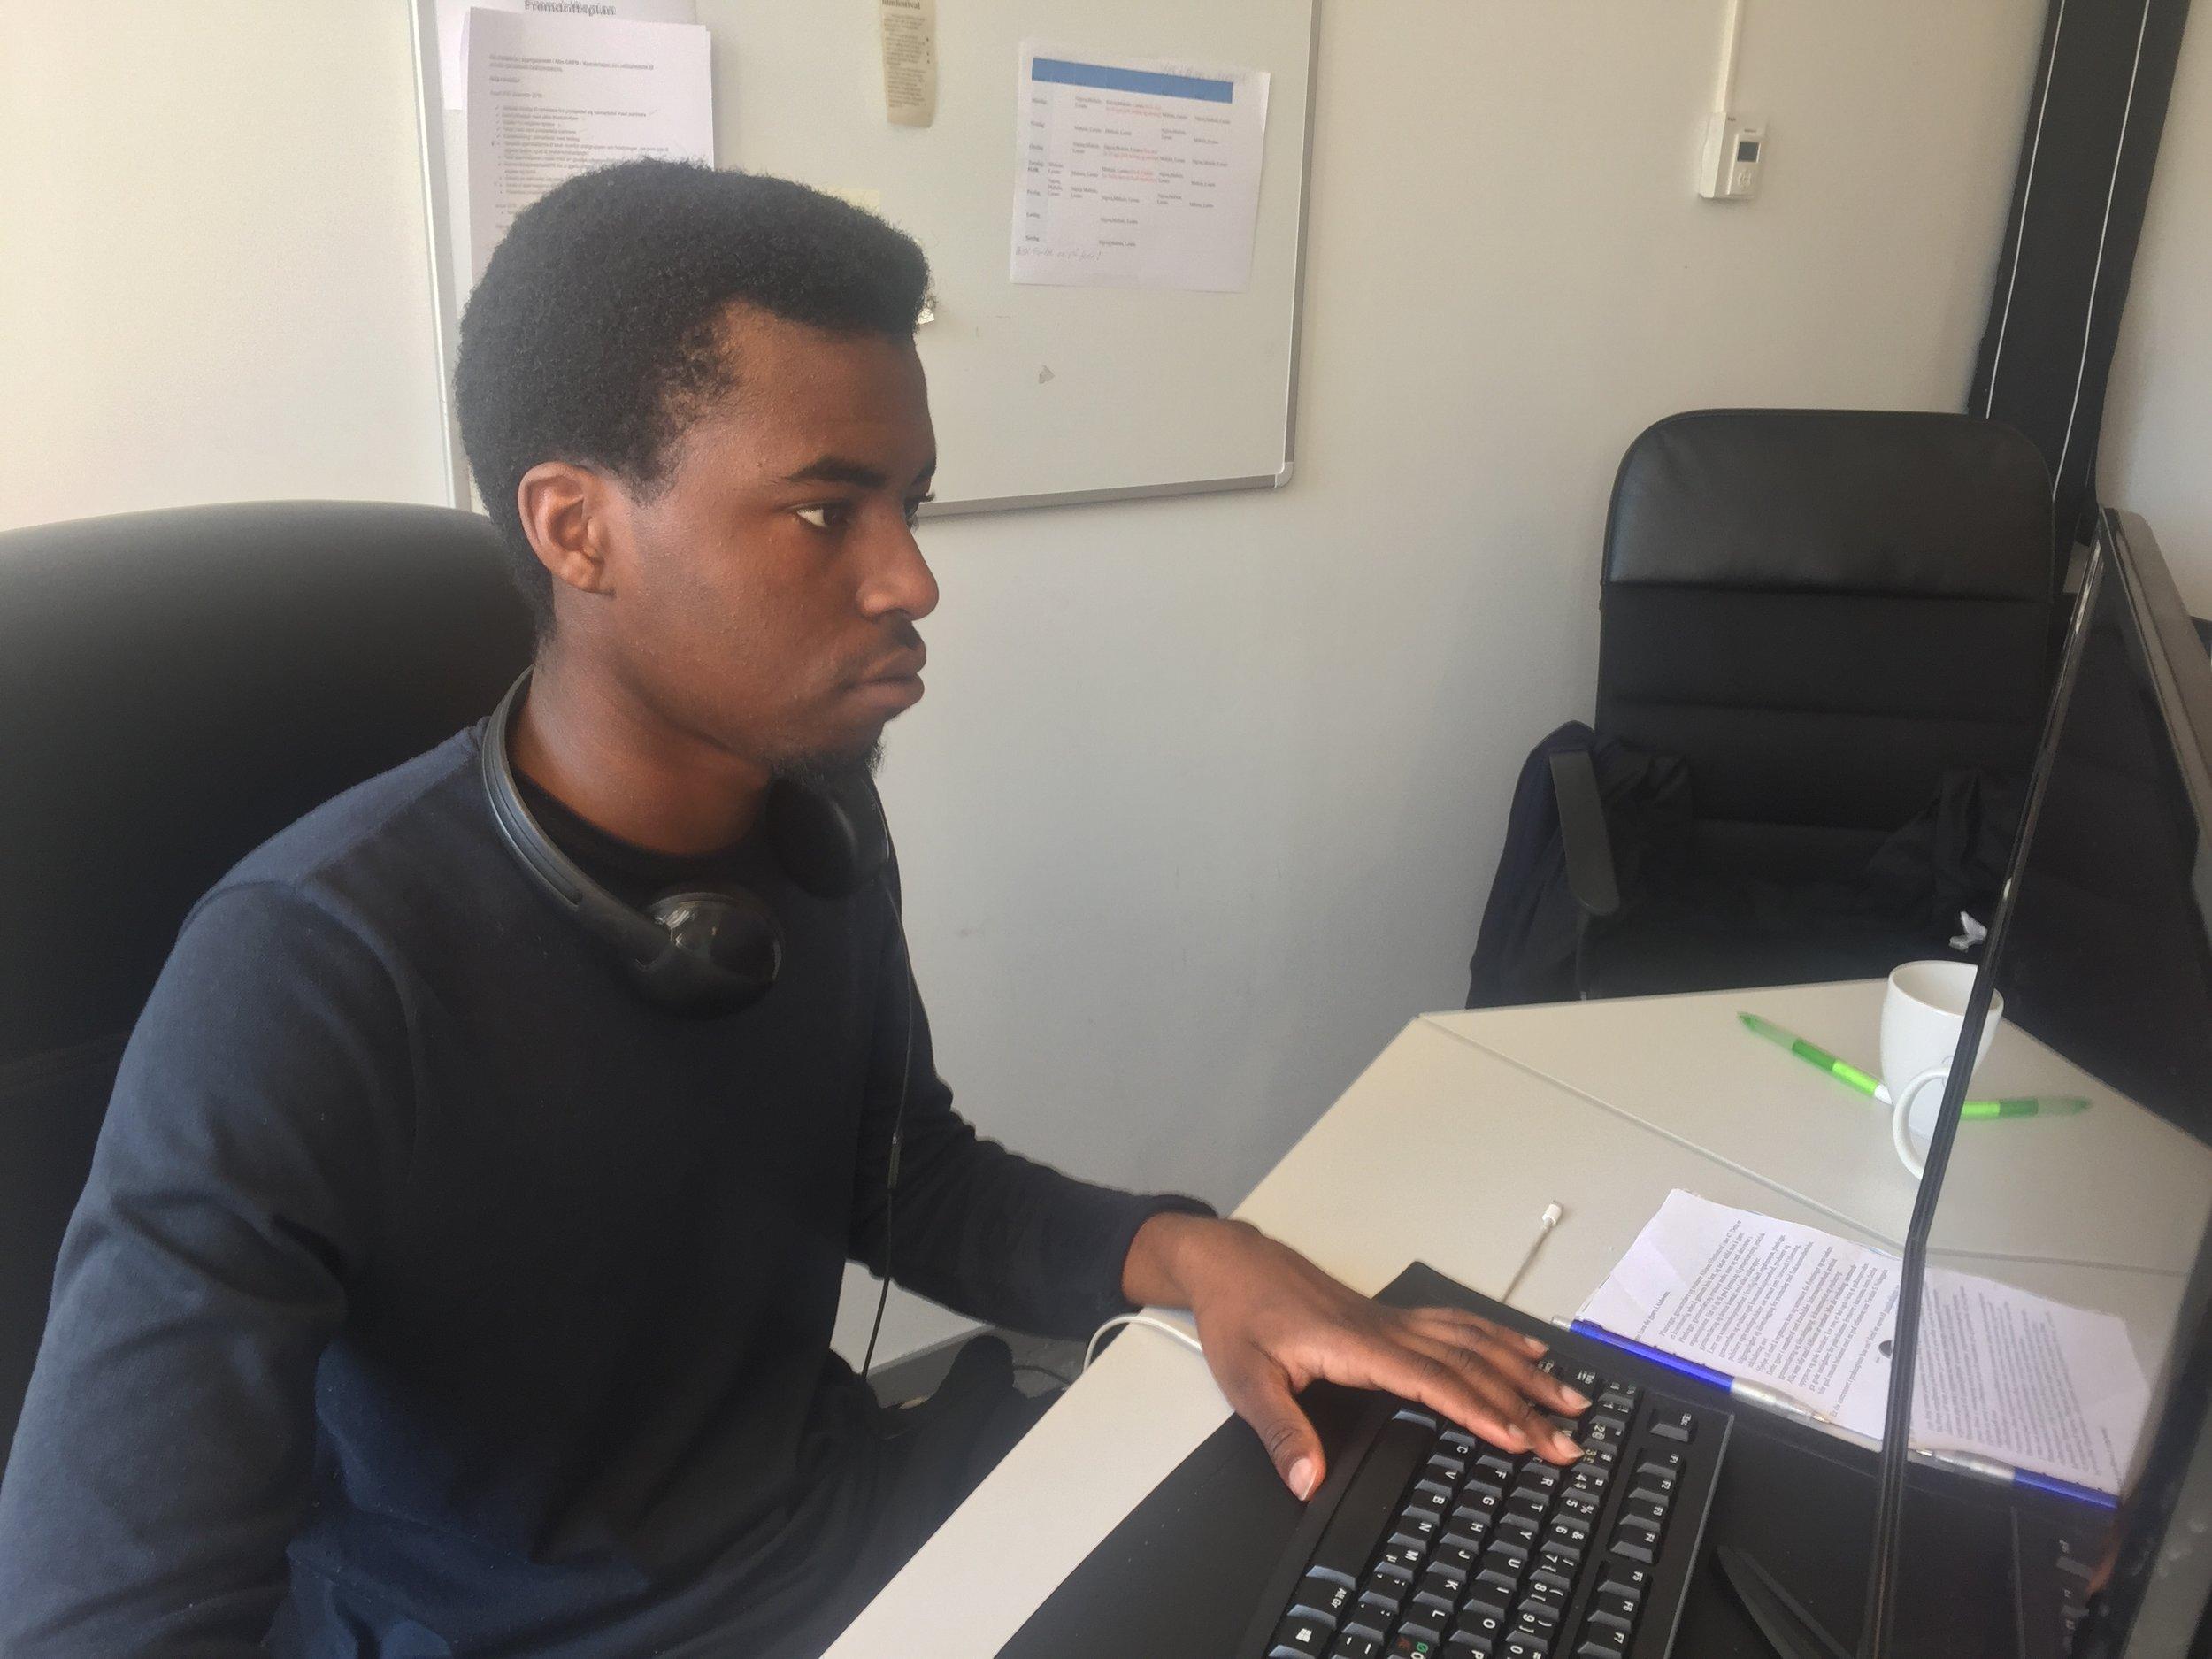 Mohsin hjelper til med å få Abloom å gå rundt, og jobber en del på PC.